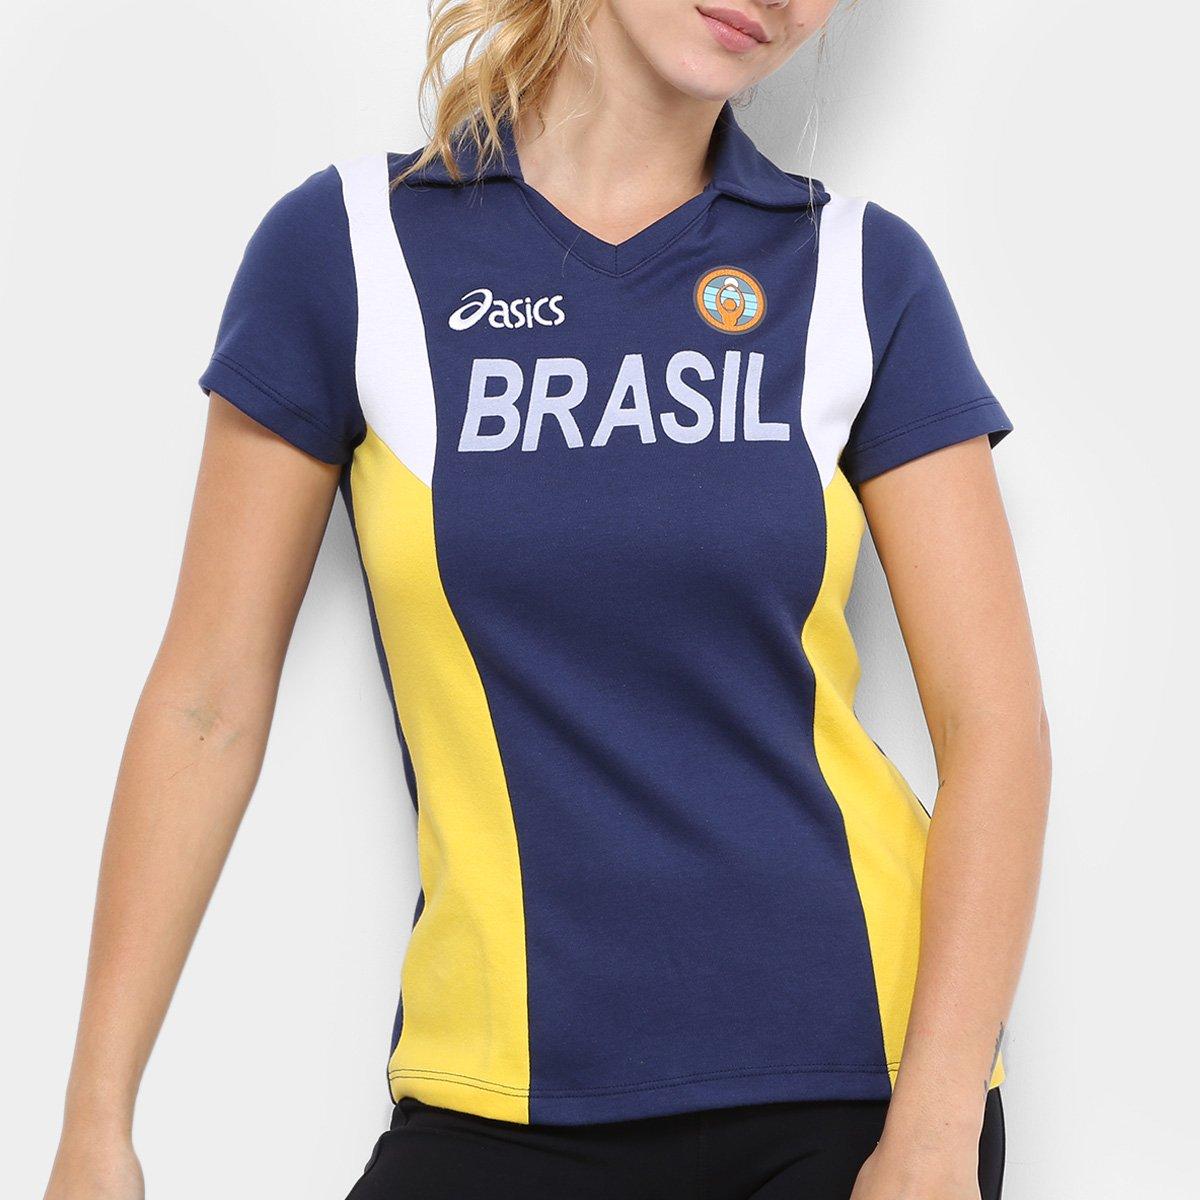 bca605cc70 Camisa Vôlei Brasil Rêtro Asics Feminina - Marinho e Amarelo ...